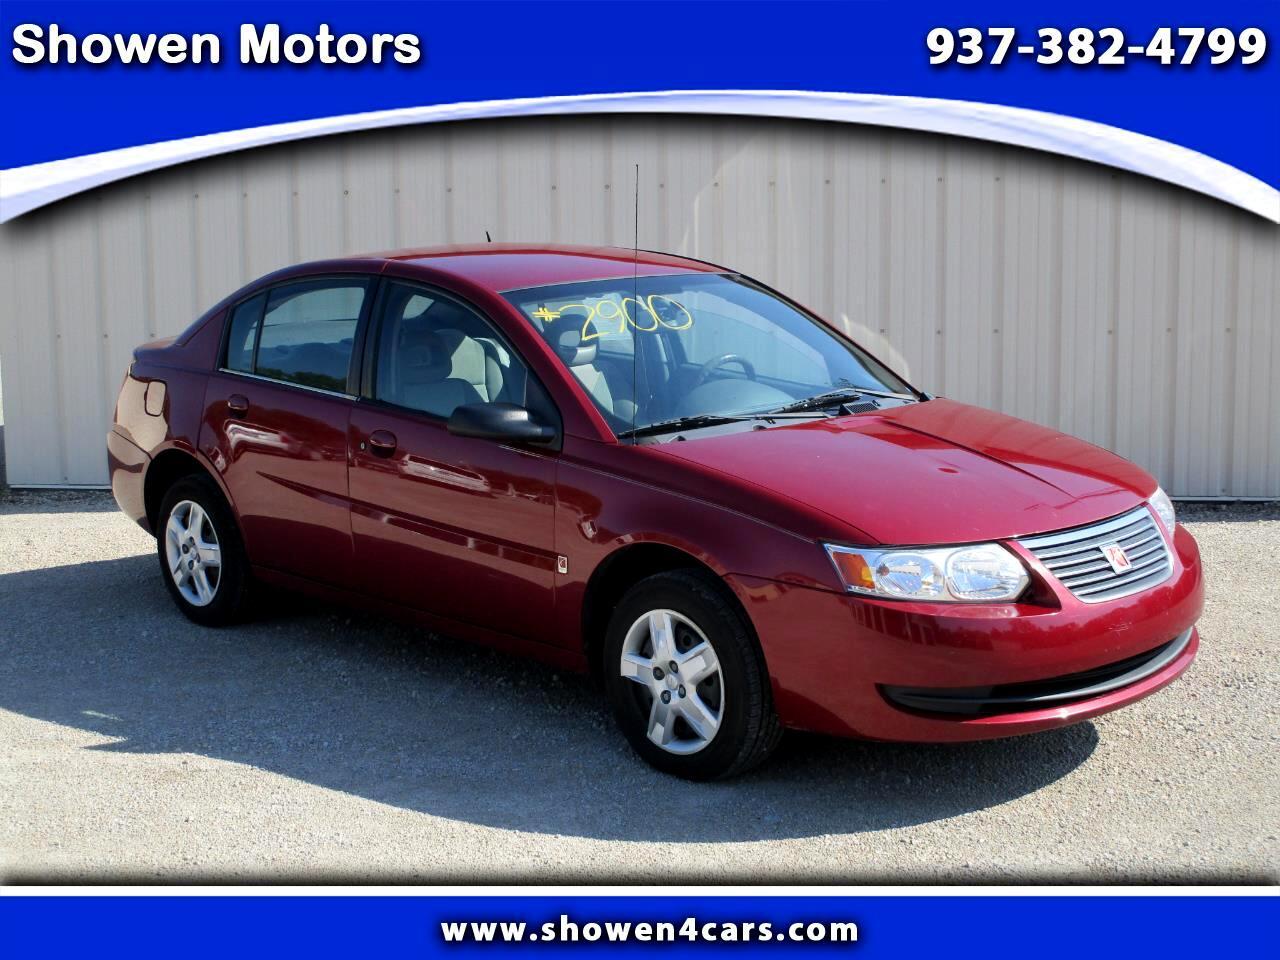 2006 Saturn ION Sedan 2 w/Auto